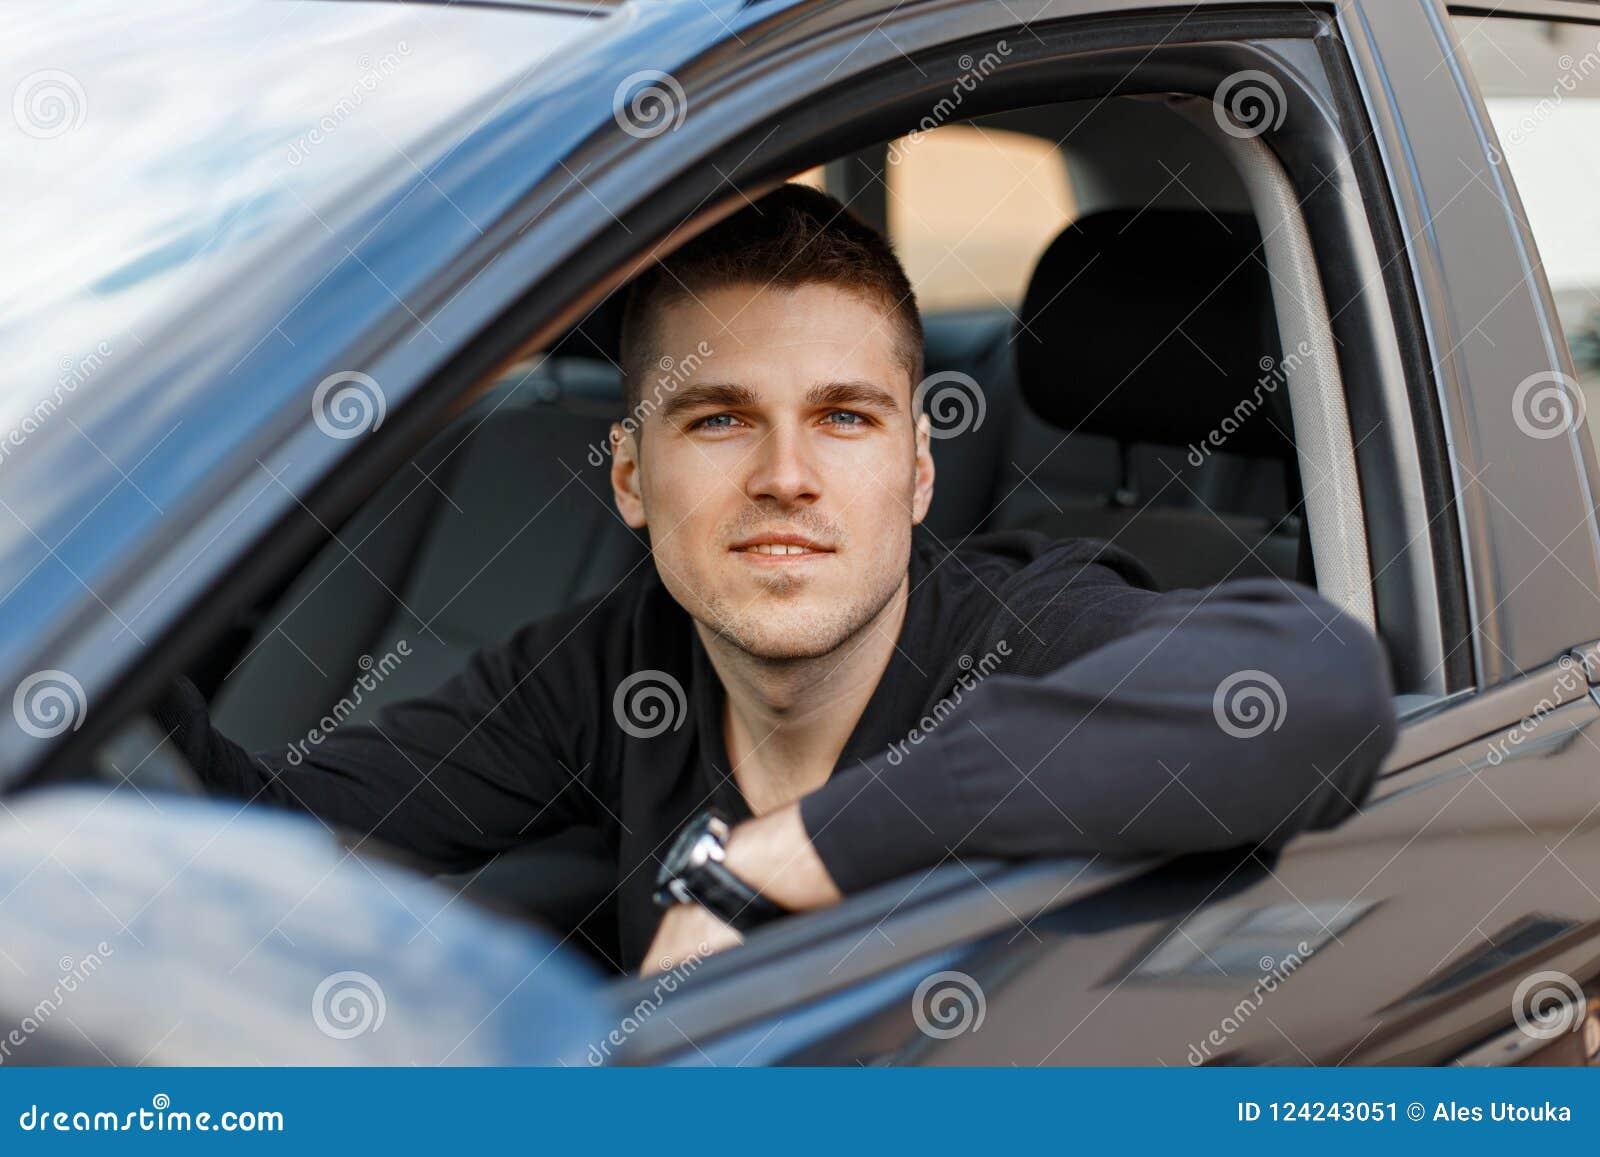 Όμορφος νέος αρσενικός οδηγός σε ένα μαύρο αυτοκίνητο